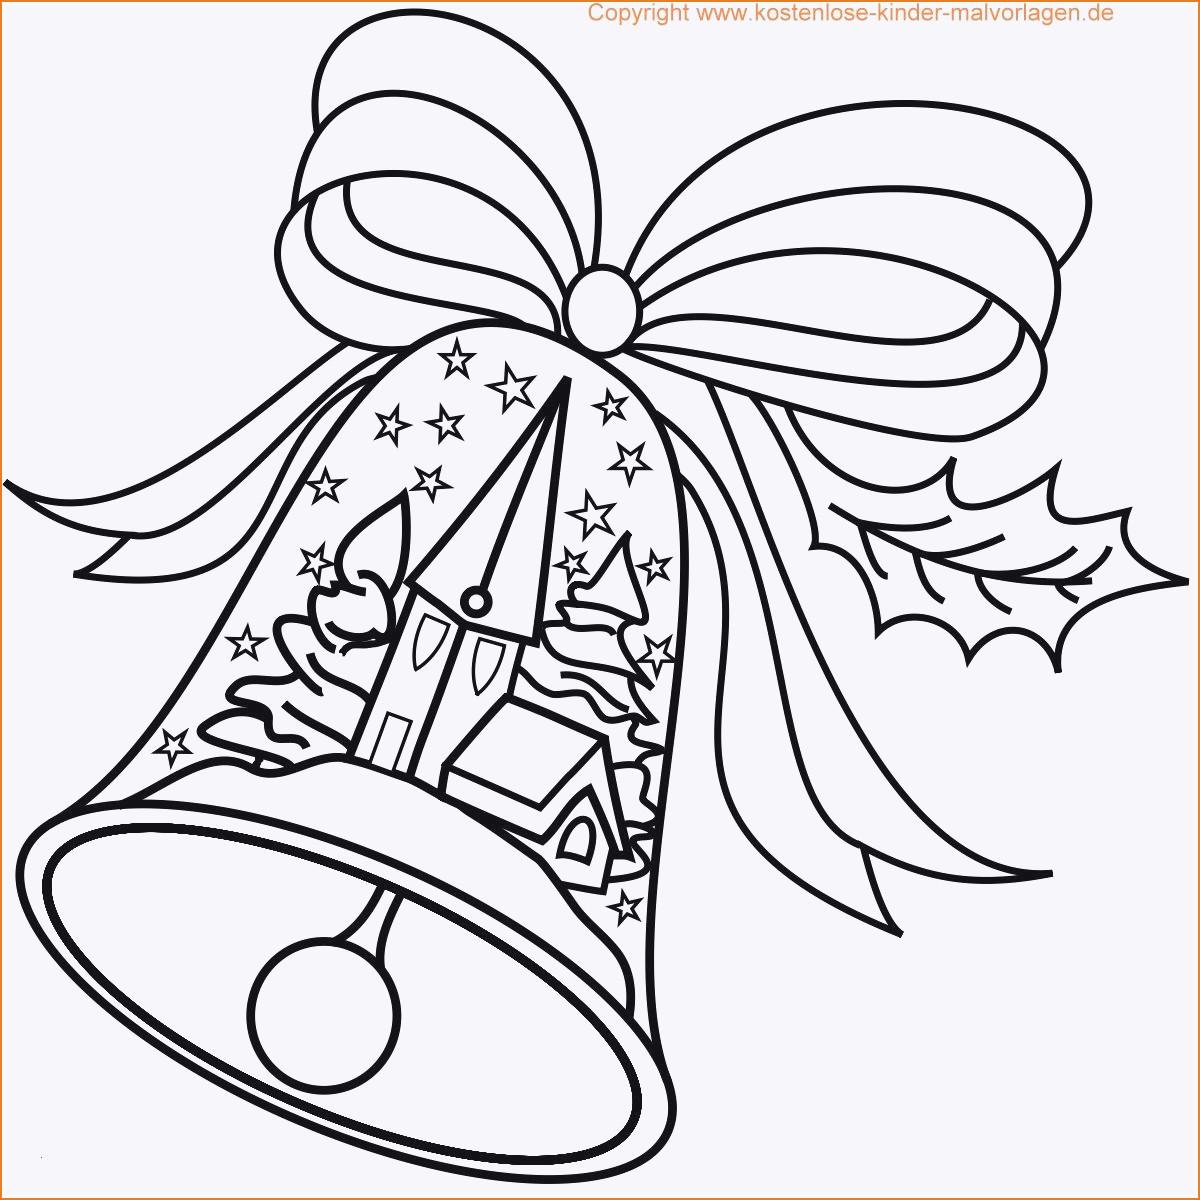 Bilder Weihnachten Kostenlos Zum Ausdrucken Einzigartig Weihnachtsmotive Für Karten Gratis Unglaublich 41 Ausmalbilder Das Bild